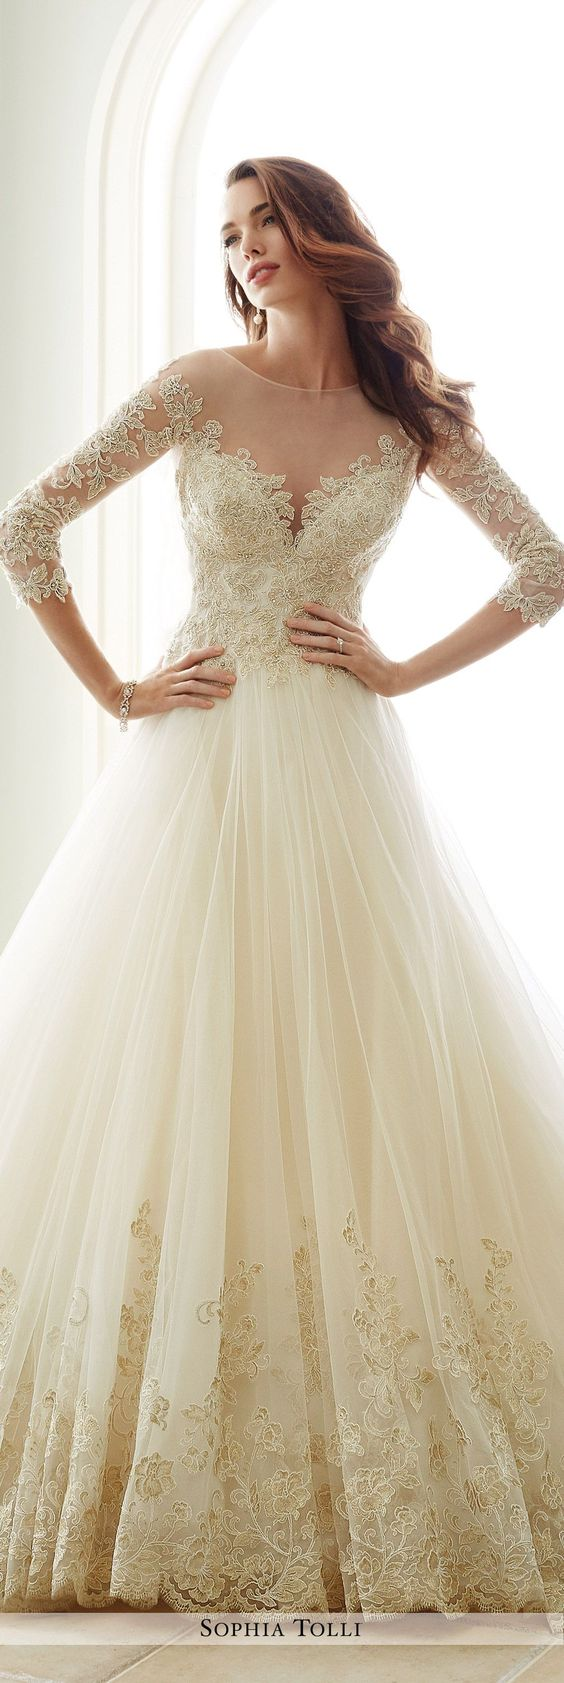 a410d4b87faee إليك بالأسفل موديلات متنوعه لفساتين زفاف بأكمام طويلة تساعدك في الحصول على  إطلالة راقية وكلاسيكية في ليلة زفافك. اختاري منها الأنسب لشخصيتك.